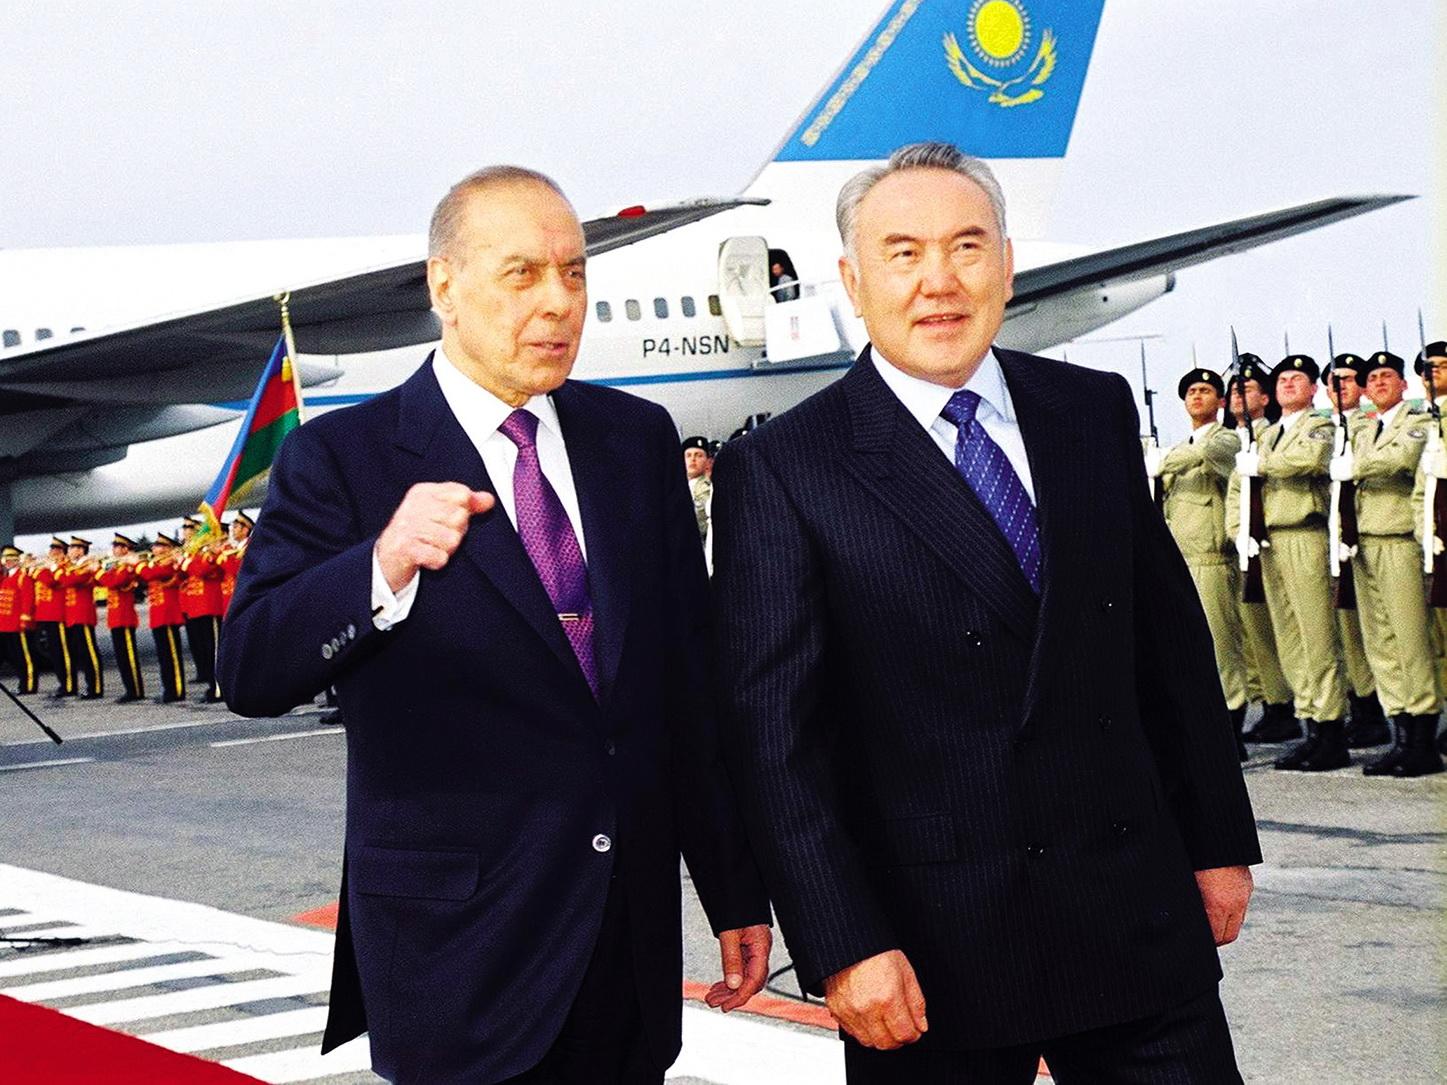 Нурсултан Назарбаев: Главное наследие Гейдара Алиева - страна, устремленная в будущее